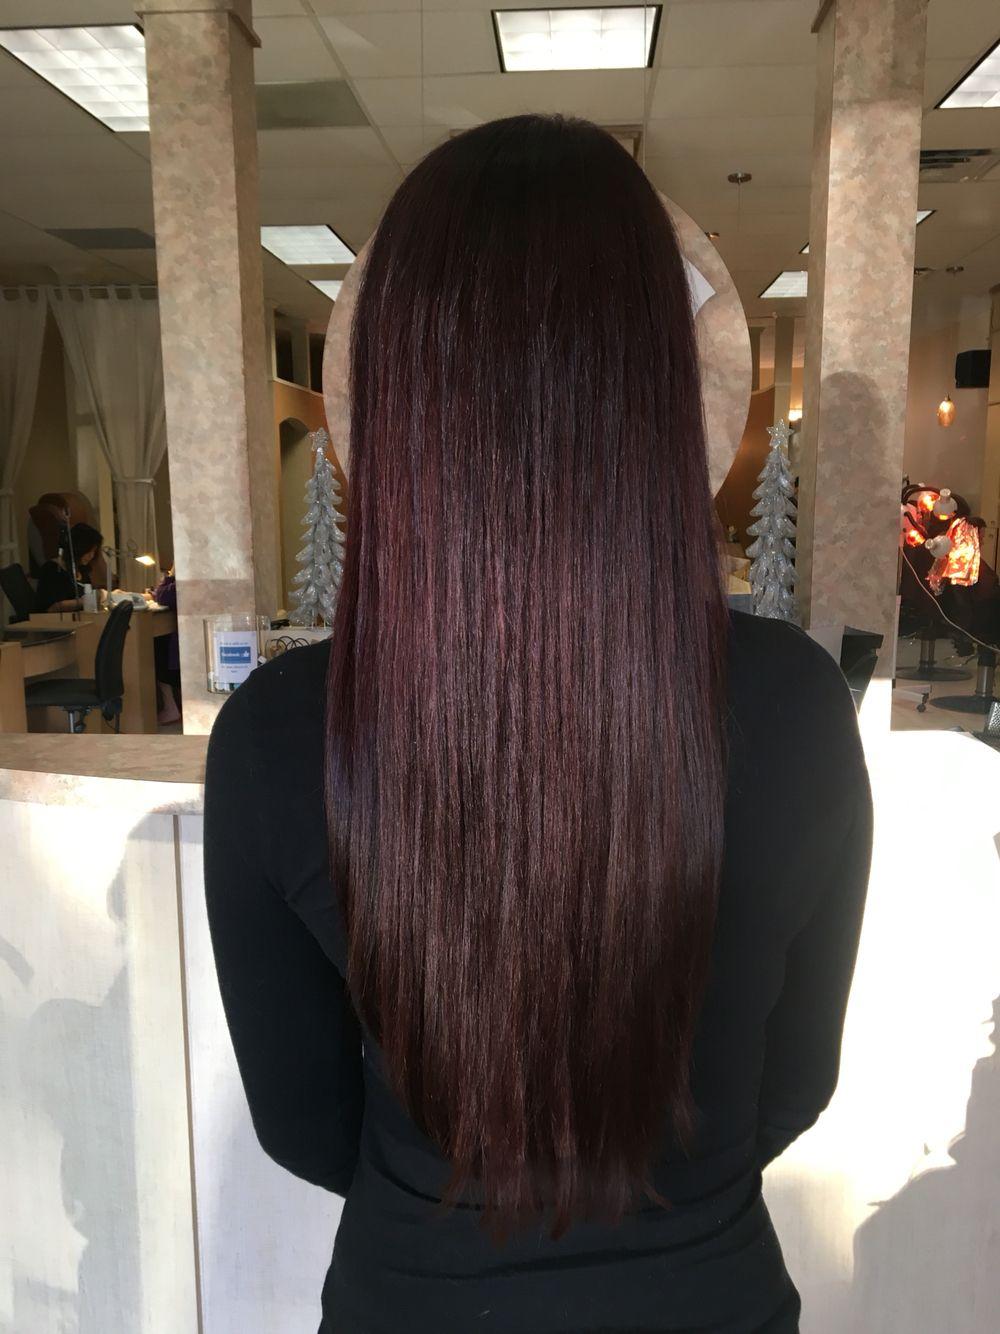 Red violet dark brown hair color long hair straight long layers red violet dark brown hair color long hair straight long layers pmusecretfo Gallery